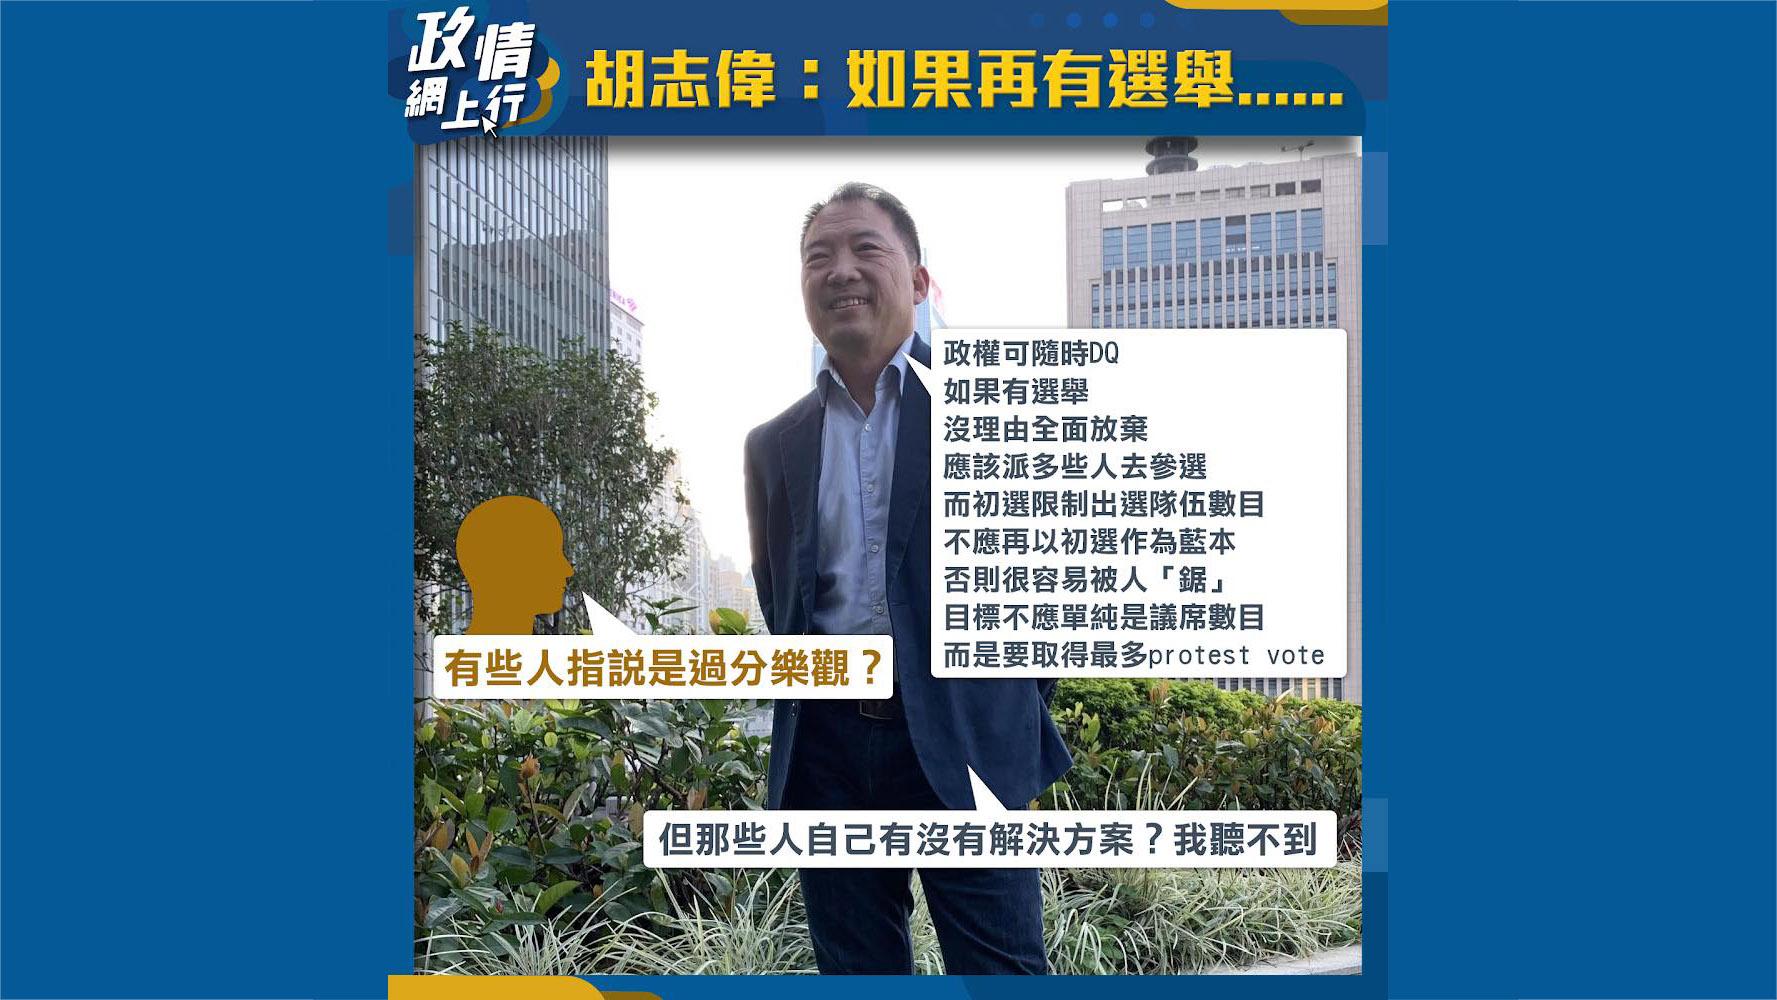 【政情網上行】胡志偉:如果再有選舉……